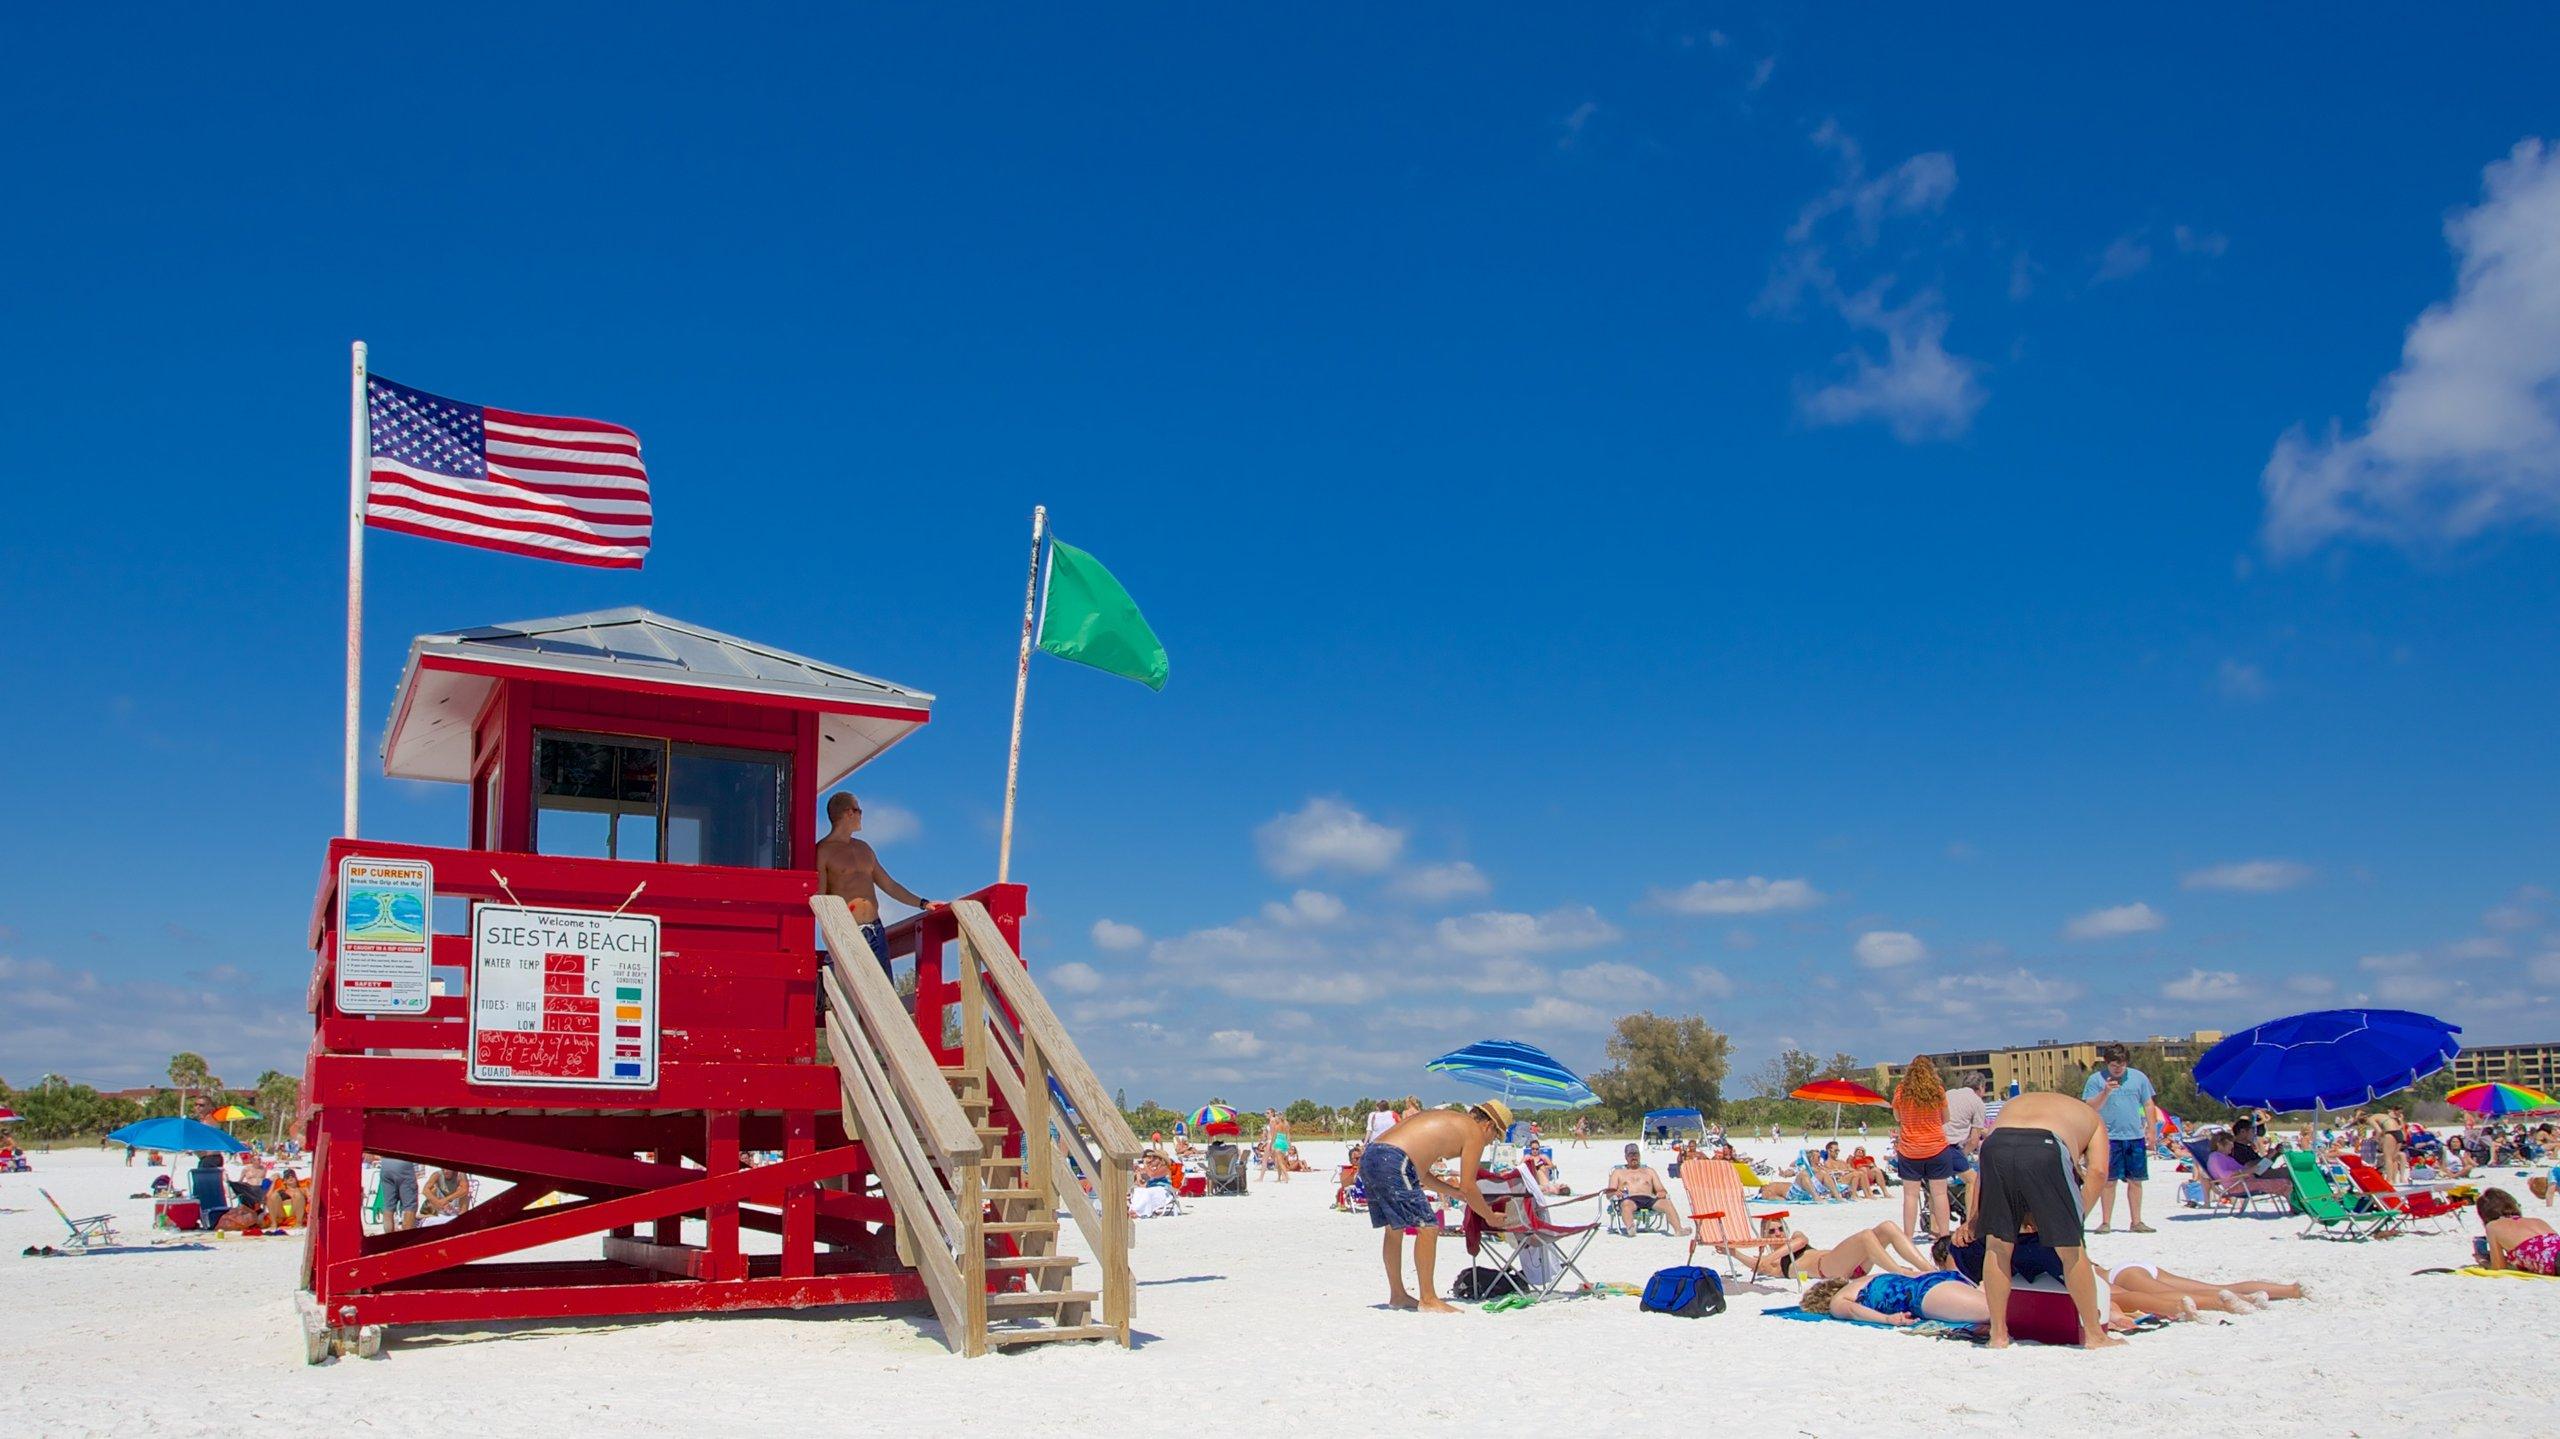 Siesta Key Public Beach, Siesta Key, Florida, USA